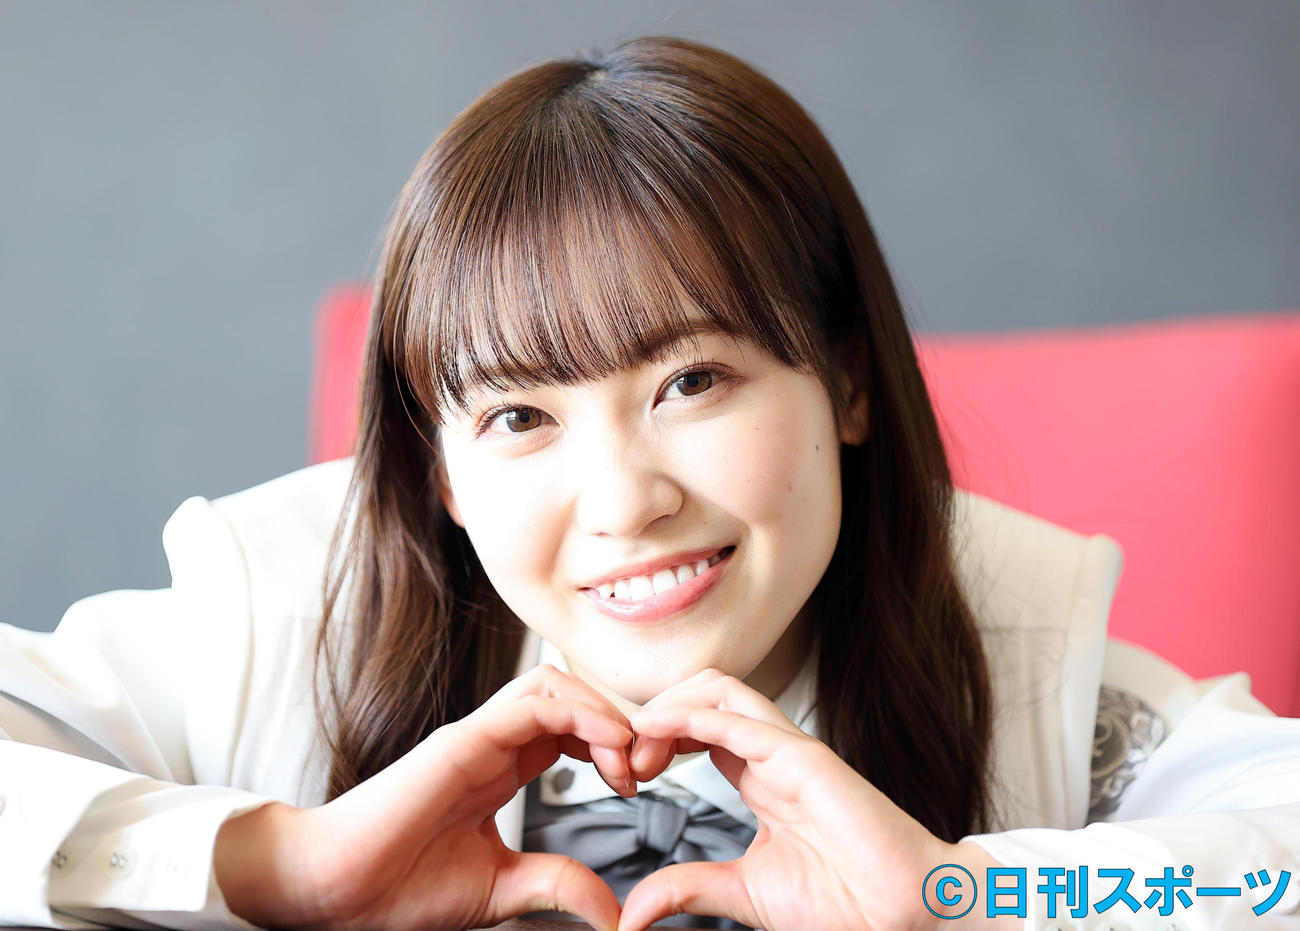 櫻坂46の副キャプテンとして意気込み新たに笑顔を見せる松田里奈(撮影・浅見桂子)